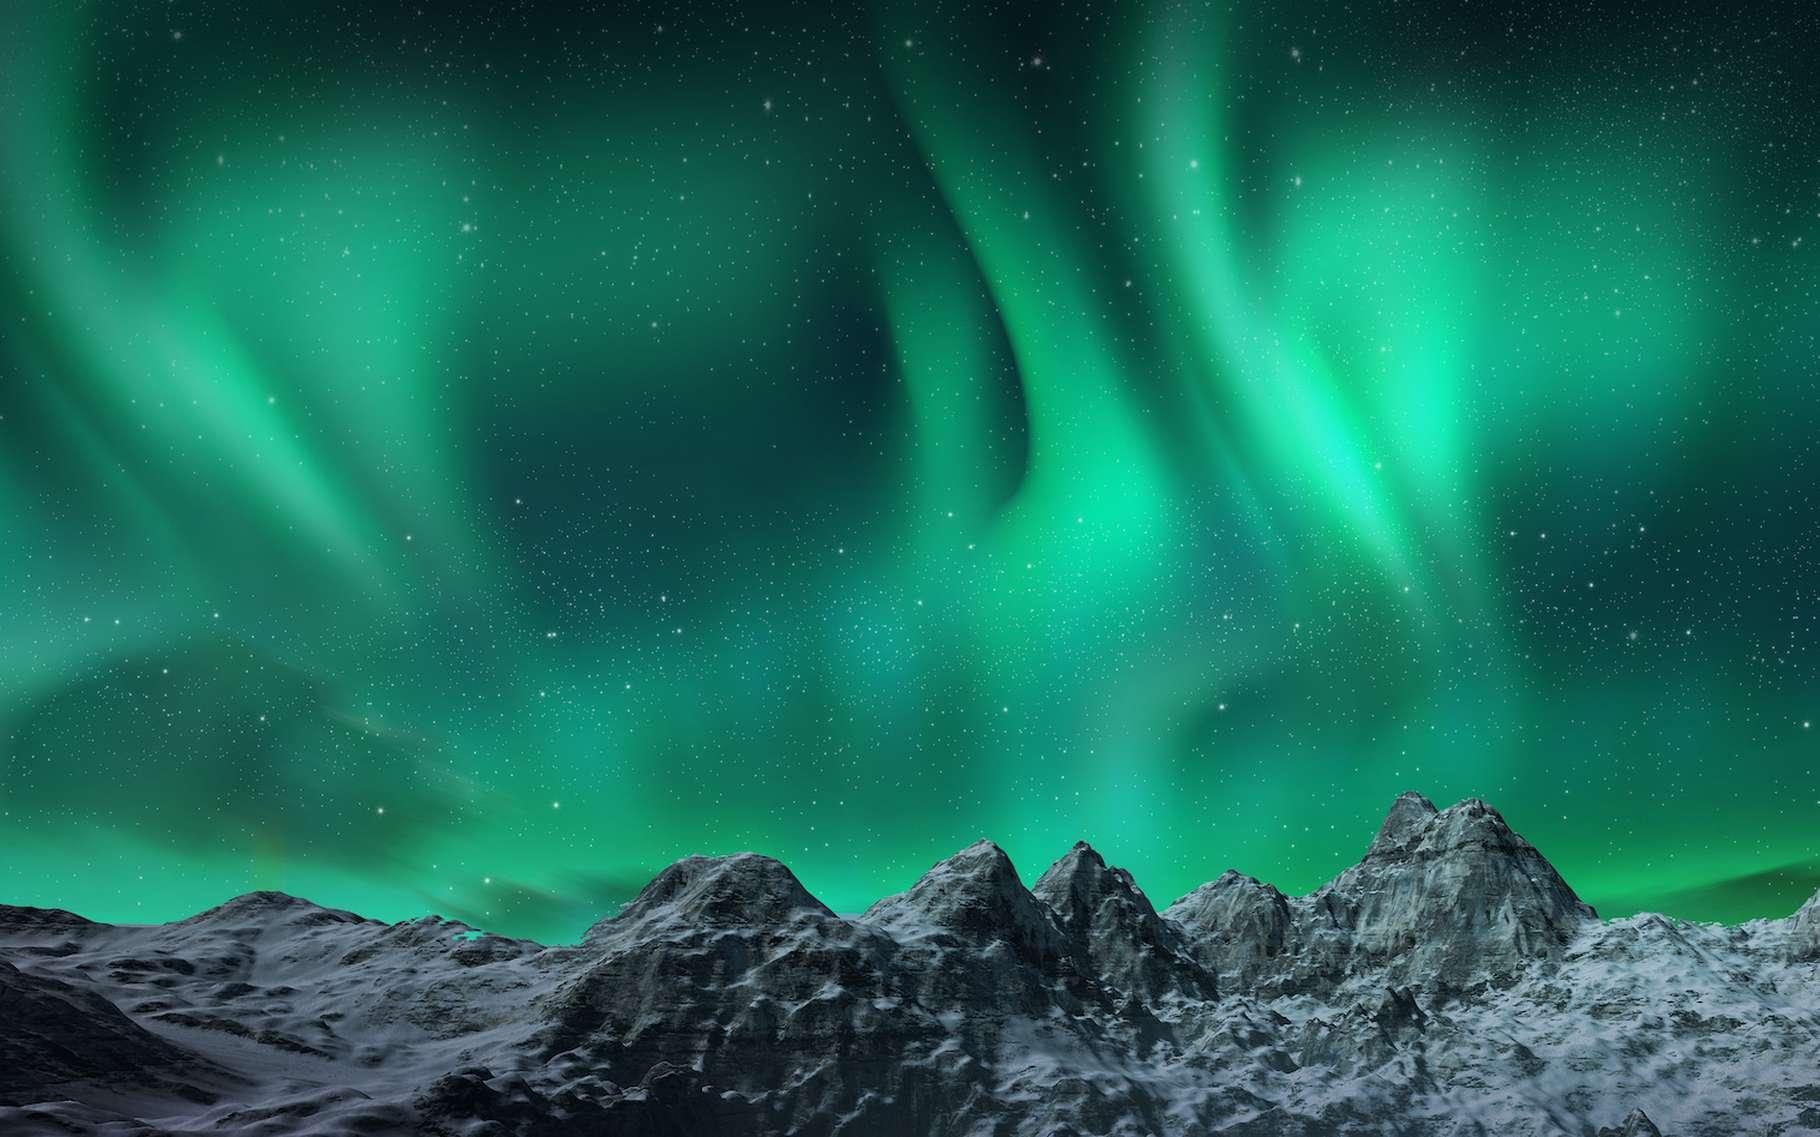 Il y a 42.000 ans, une inversion du champ magnétique de la Terre a changé notre histoire - Futura